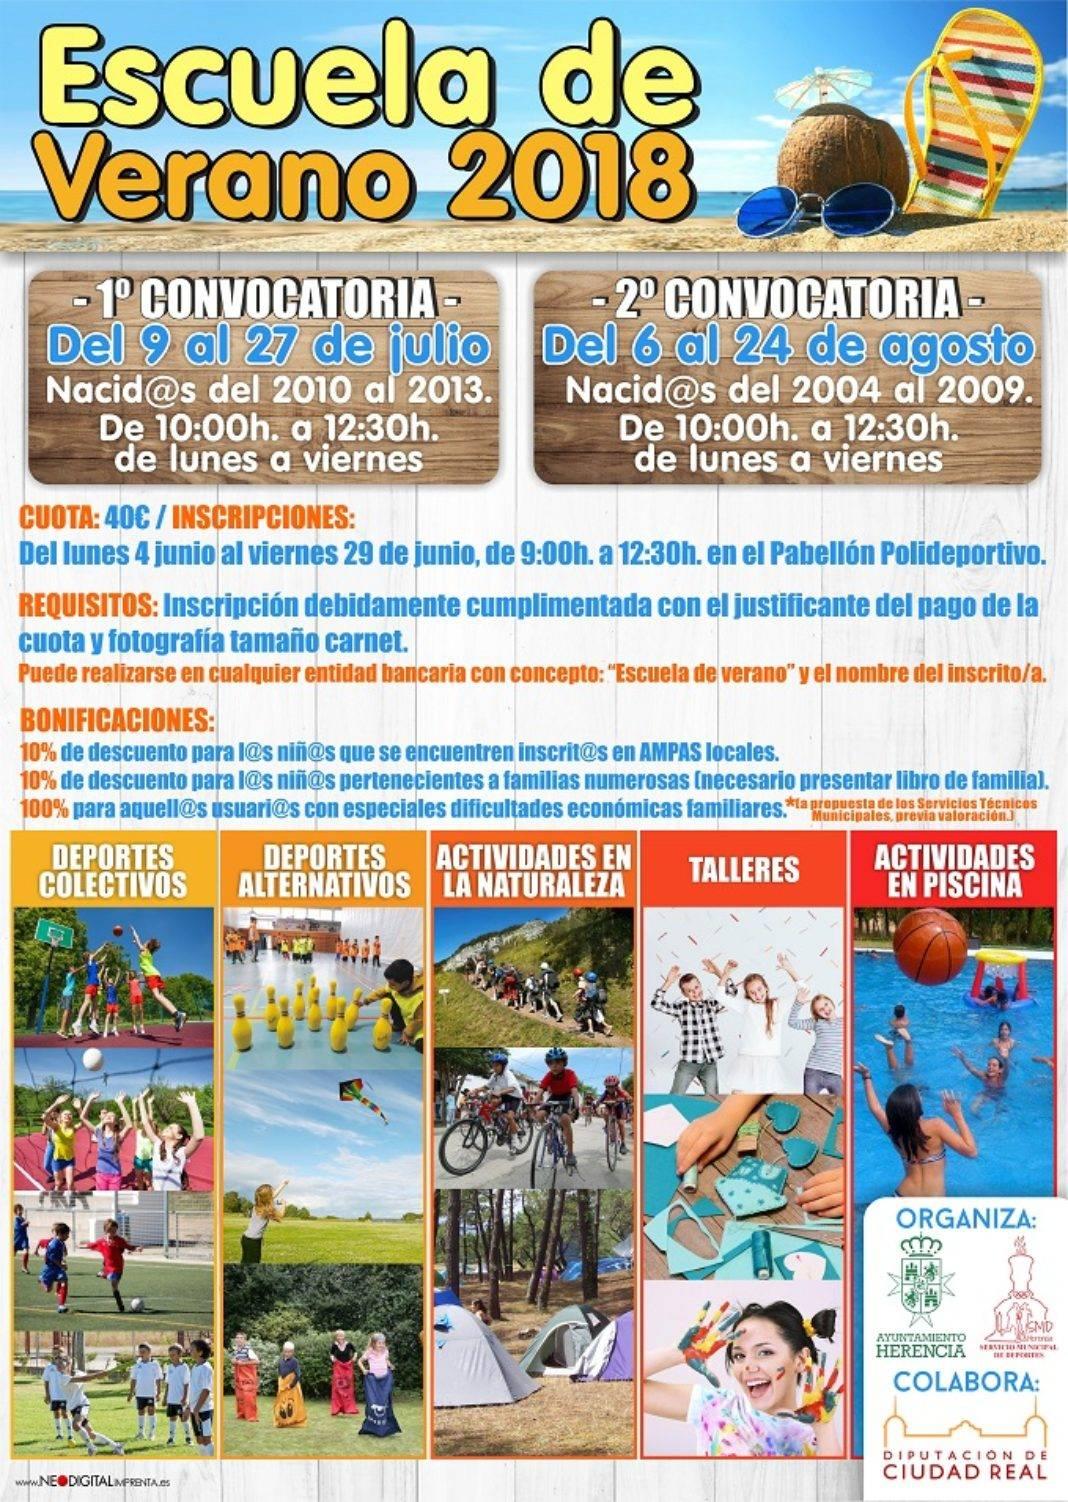 Cartel escuela de Verano de Herencia 2018 1068x1502 - El 4 de junio se abre el periodo de inscripciones para la Escuela de Verano 2018